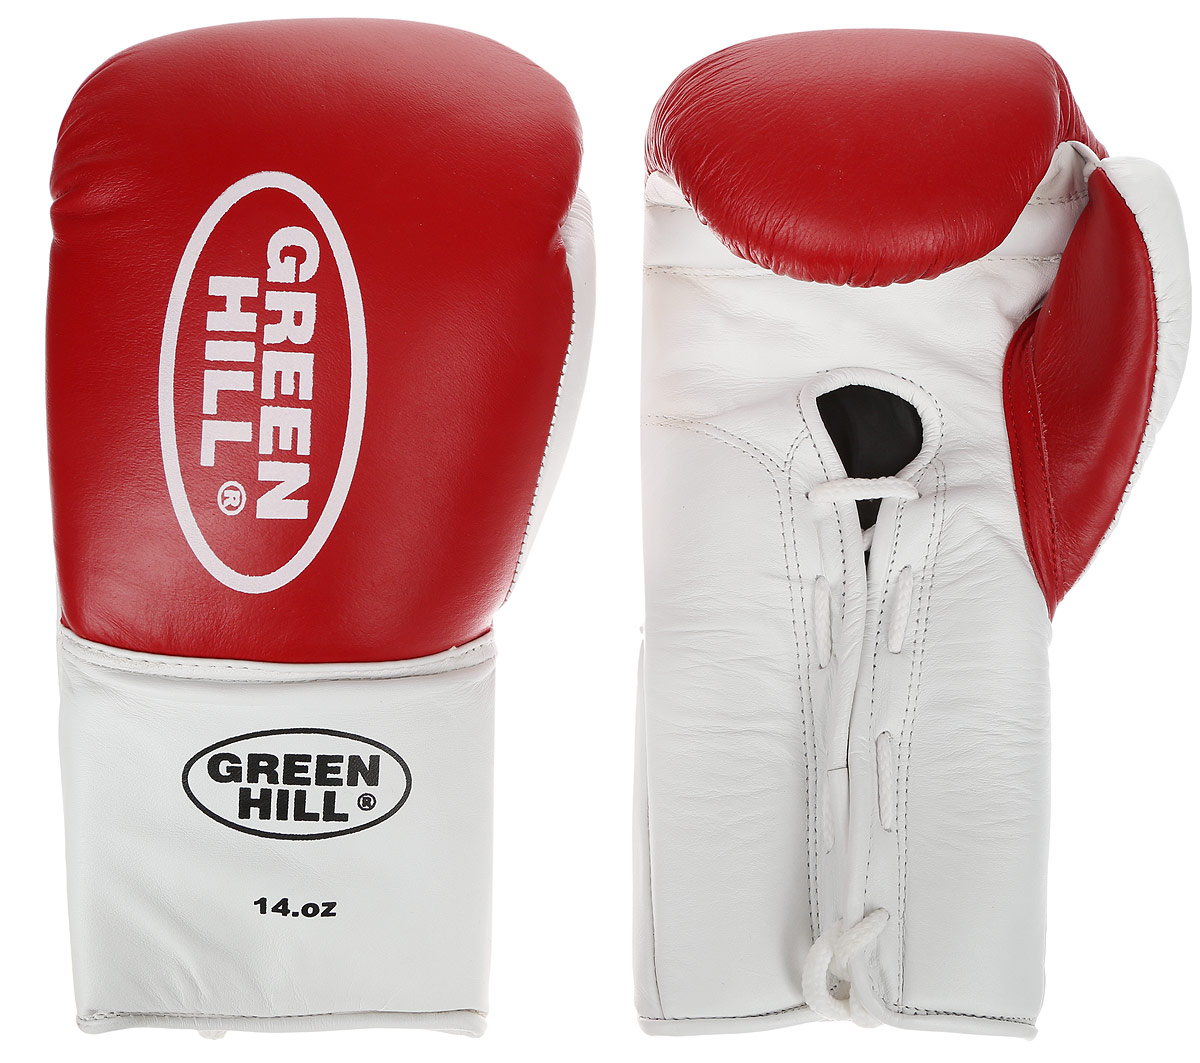 Перчатки боксерские Green Hill Proffi, цвет: красный, белый. Вес 14 унций. BGP-2014KSB-10341Боксерские перчатки Green Hill Proffi предназначены для использования профессионалами. Верх выполнен из натуральной кожи, наполнитель - из вспененного полимера. Отверстие в области ладони позволяет создать максимально комфортный терморежим во время занятий. Манжет на шнуровке способствует быстрому и удобному надеванию перчаток, плотно фиксирует перчатки на руке.